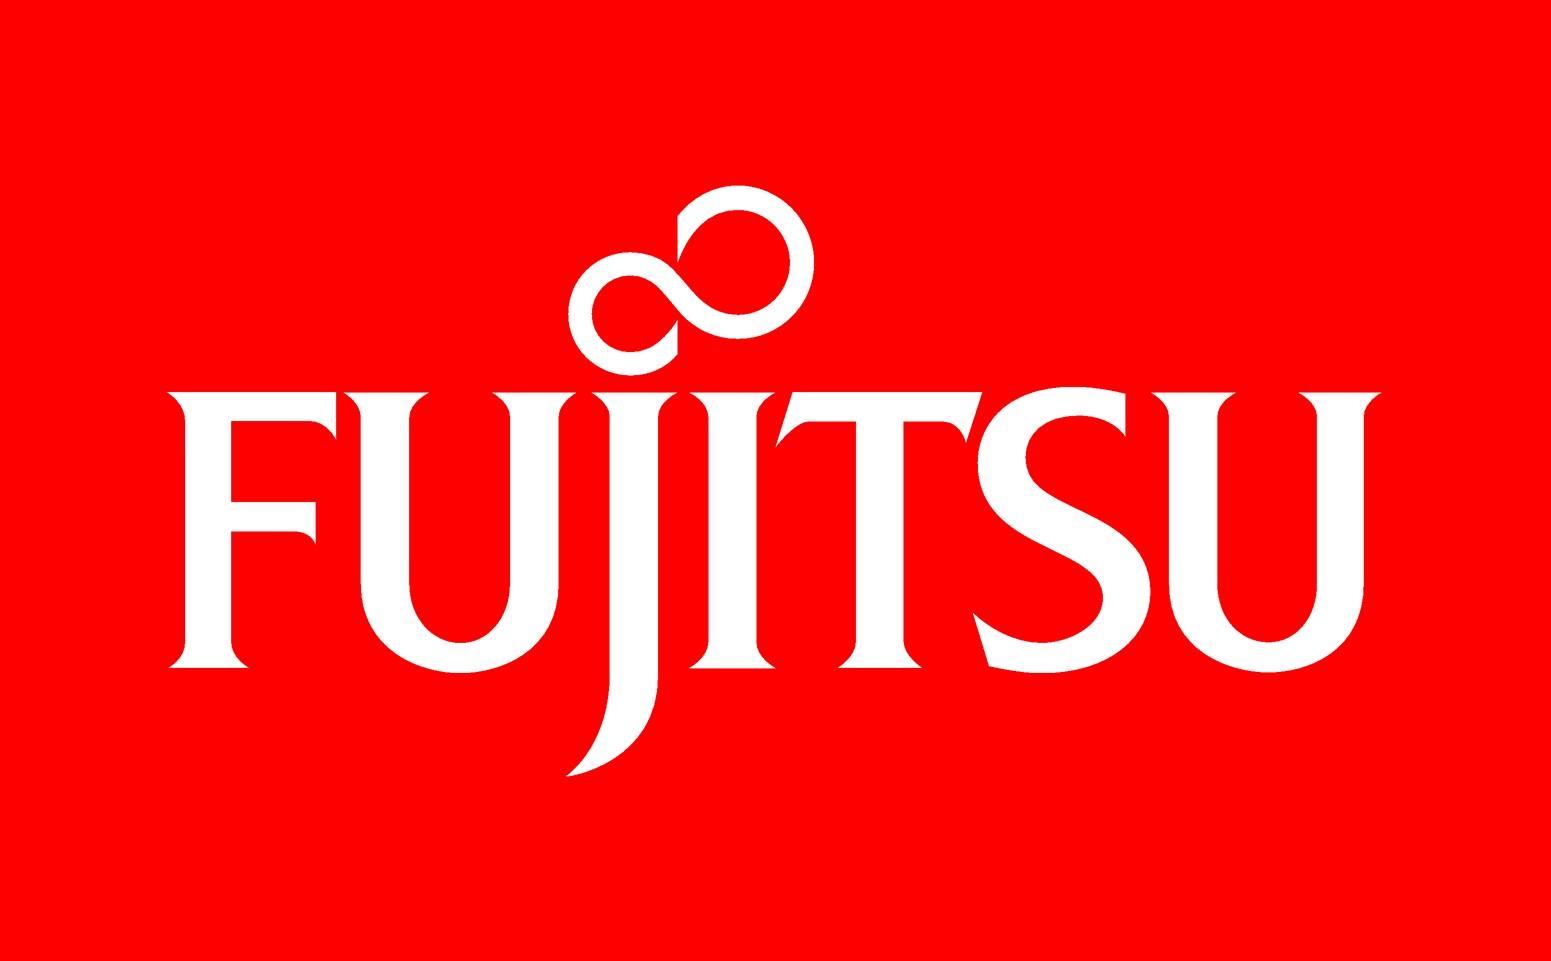 Fujitsu Logo Wallpaper